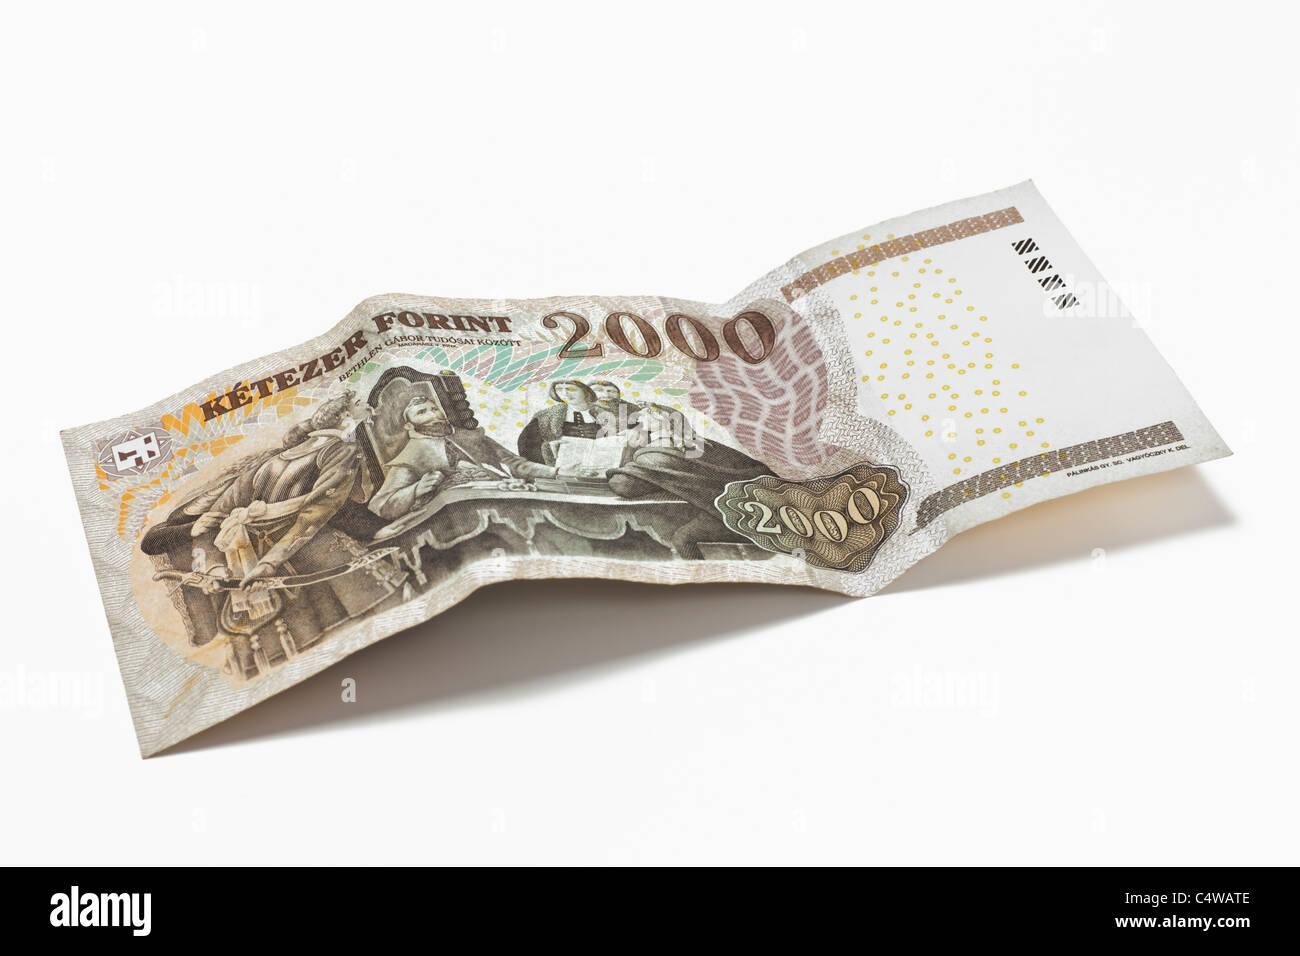 Detailansicht einer ungarischen 2000 Forint Banknote | Detail photo of a hungarian 2000 forint Banknote Stock Photo